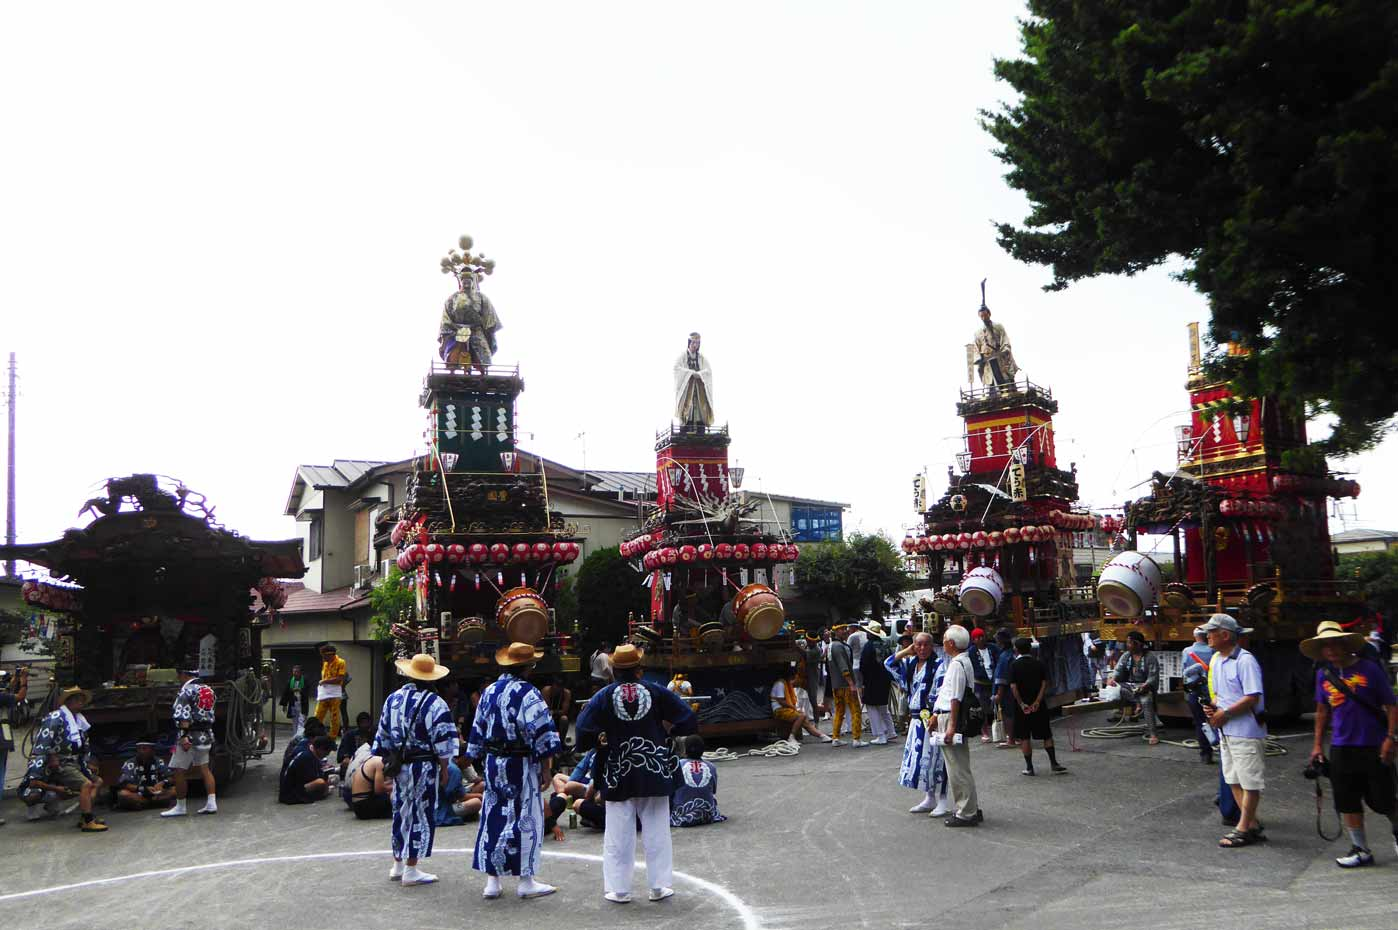 那古寺の祭礼 整列した屋台